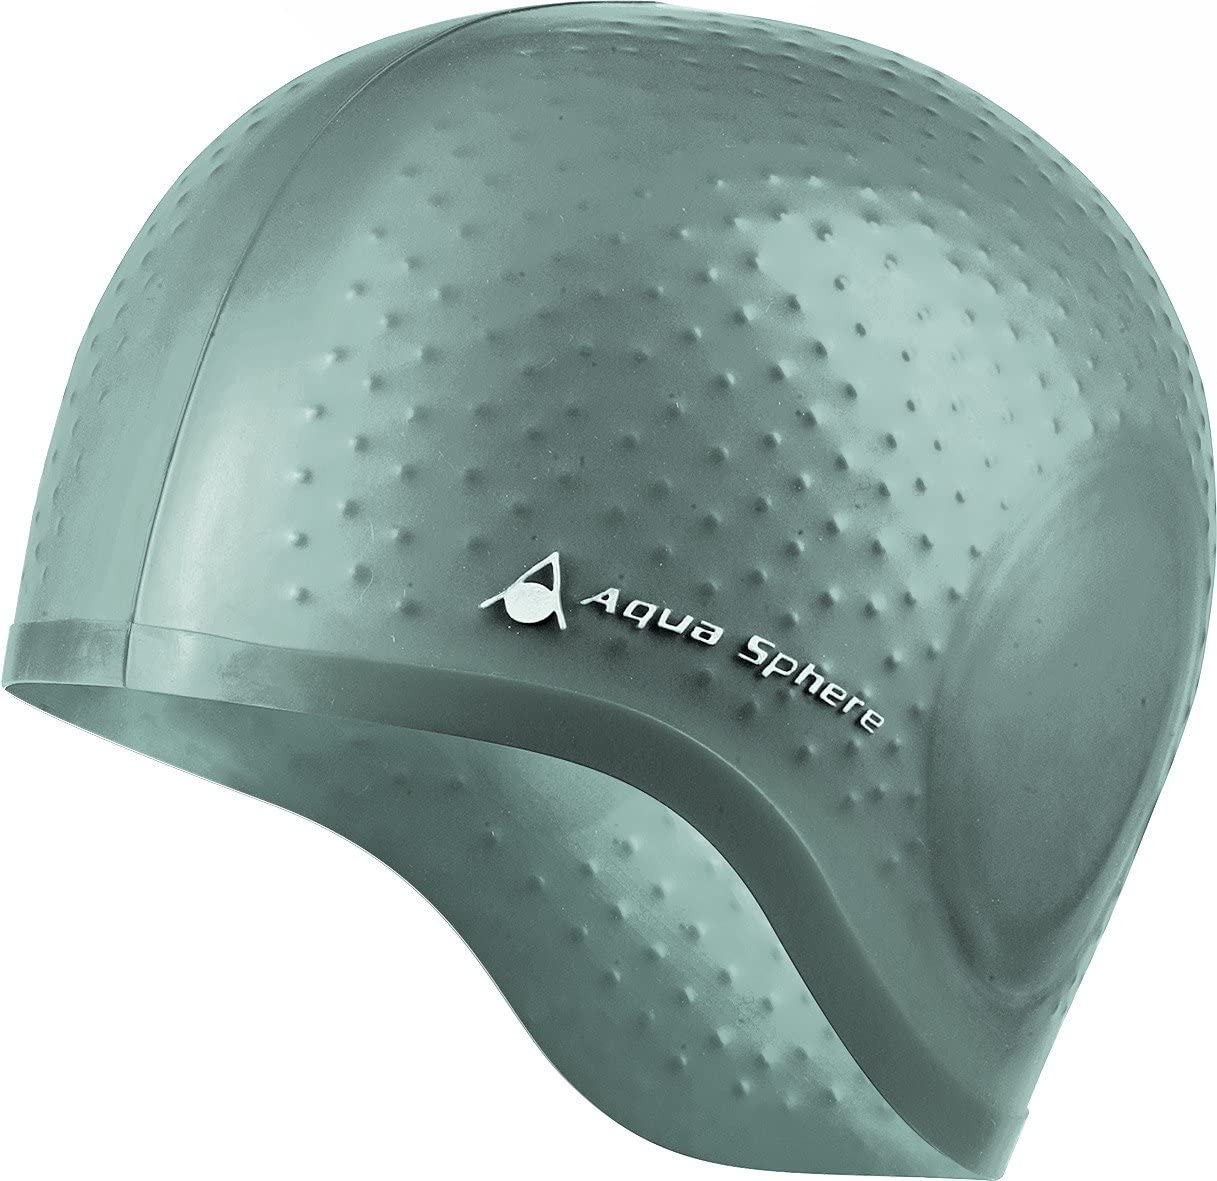 Aqua Sphere Aqua Glide 20919S - Gorro de natación (silicona) color Plateado: Amazon.es: Deportes y aire libre